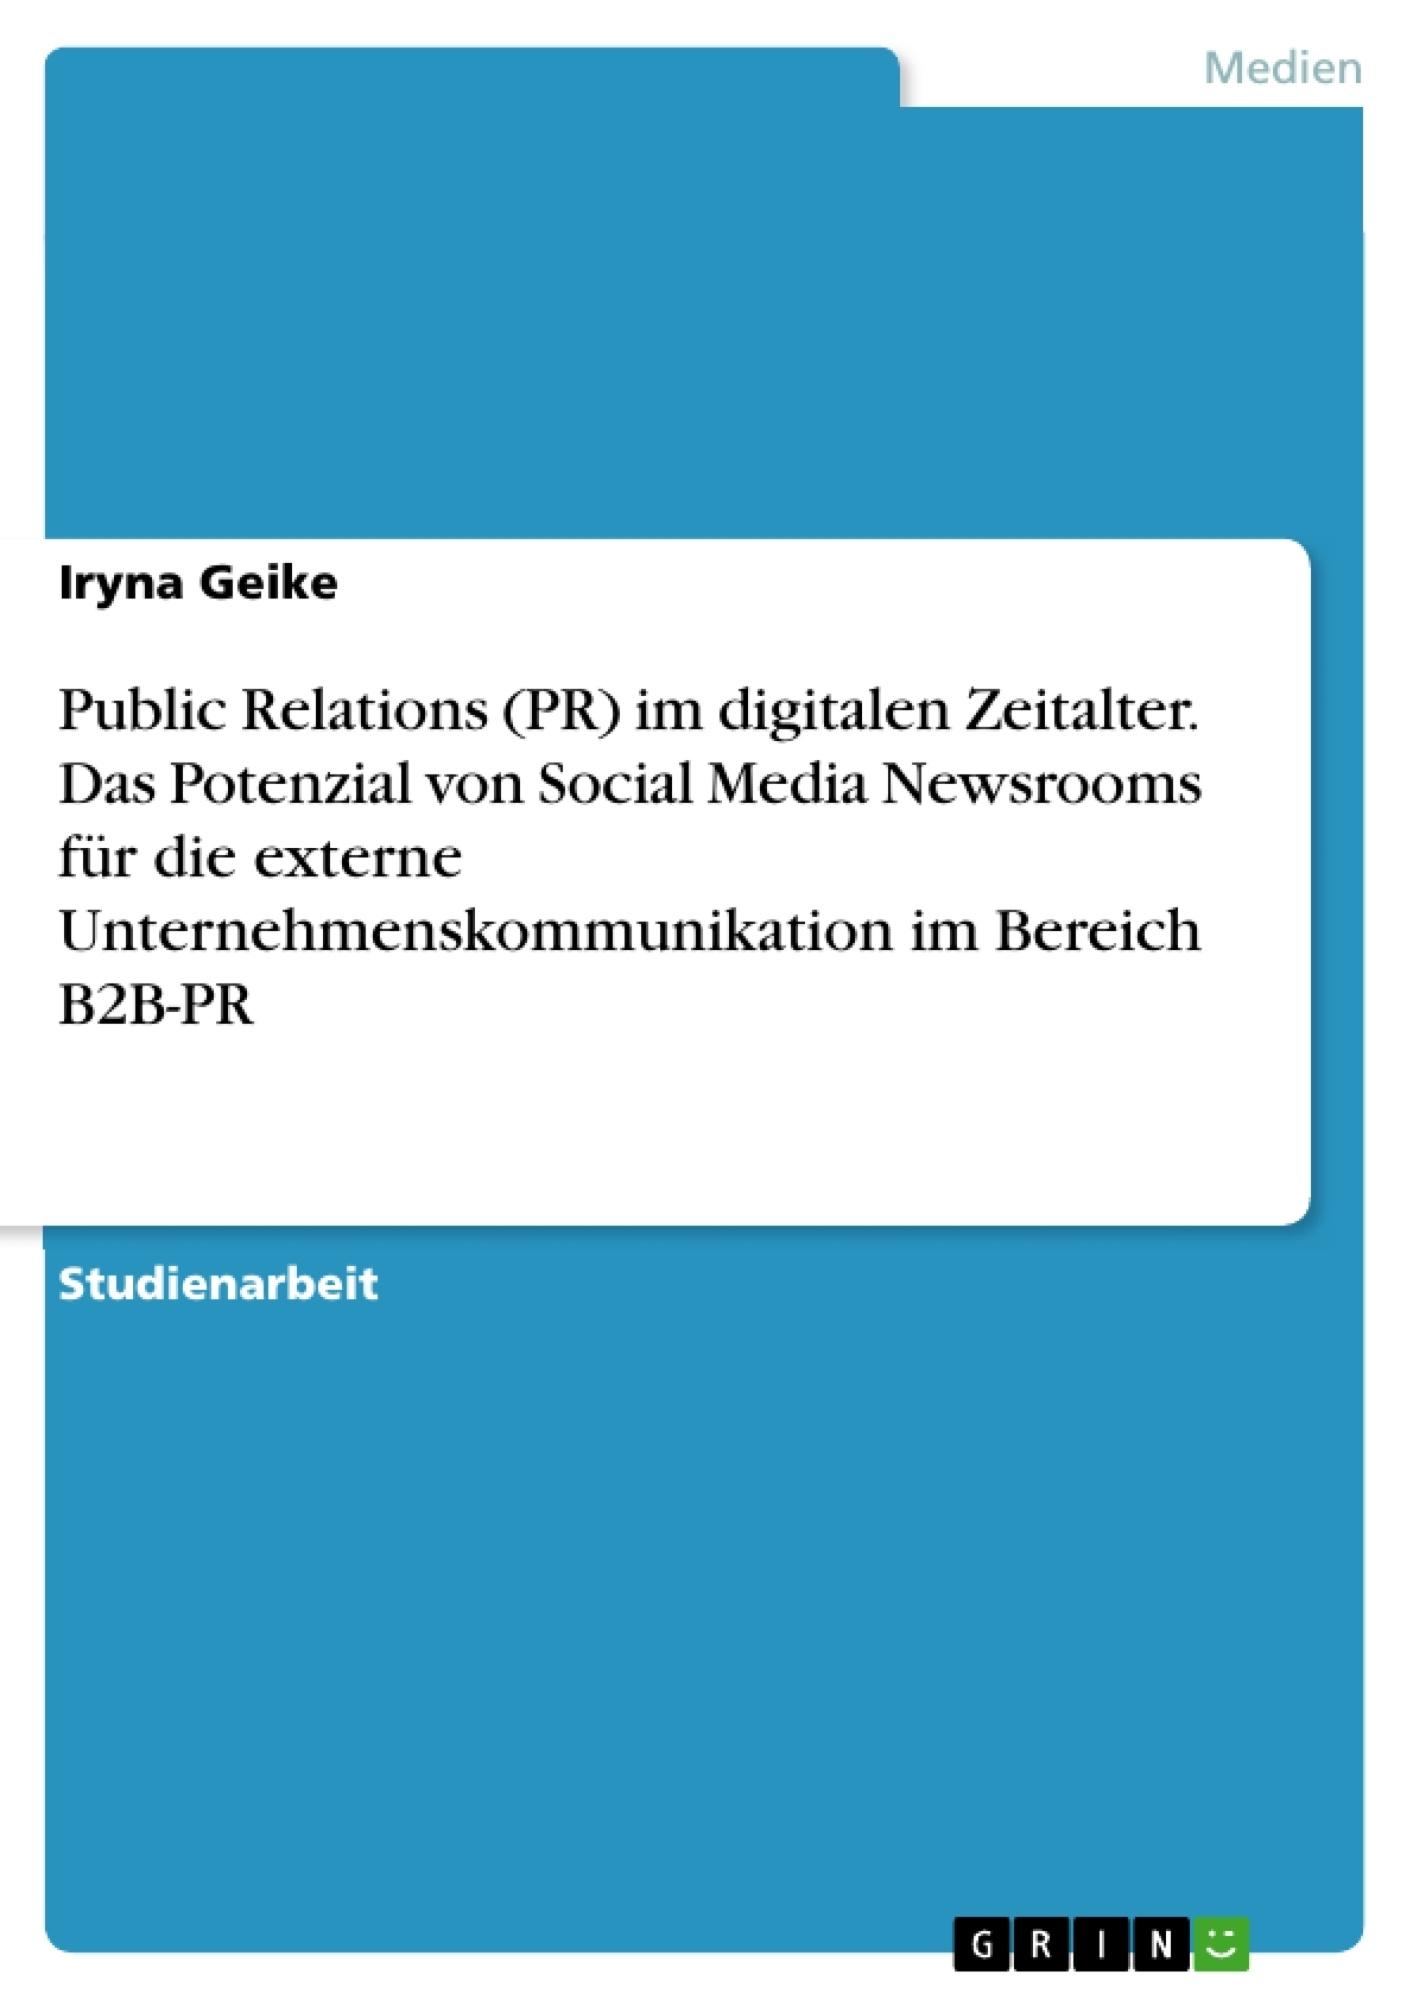 Titel: Public Relations (PR) im digitalen Zeitalter. Das Potenzial von Social Media Newsrooms für die externe Unternehmenskommunikation im Bereich B2B-PR